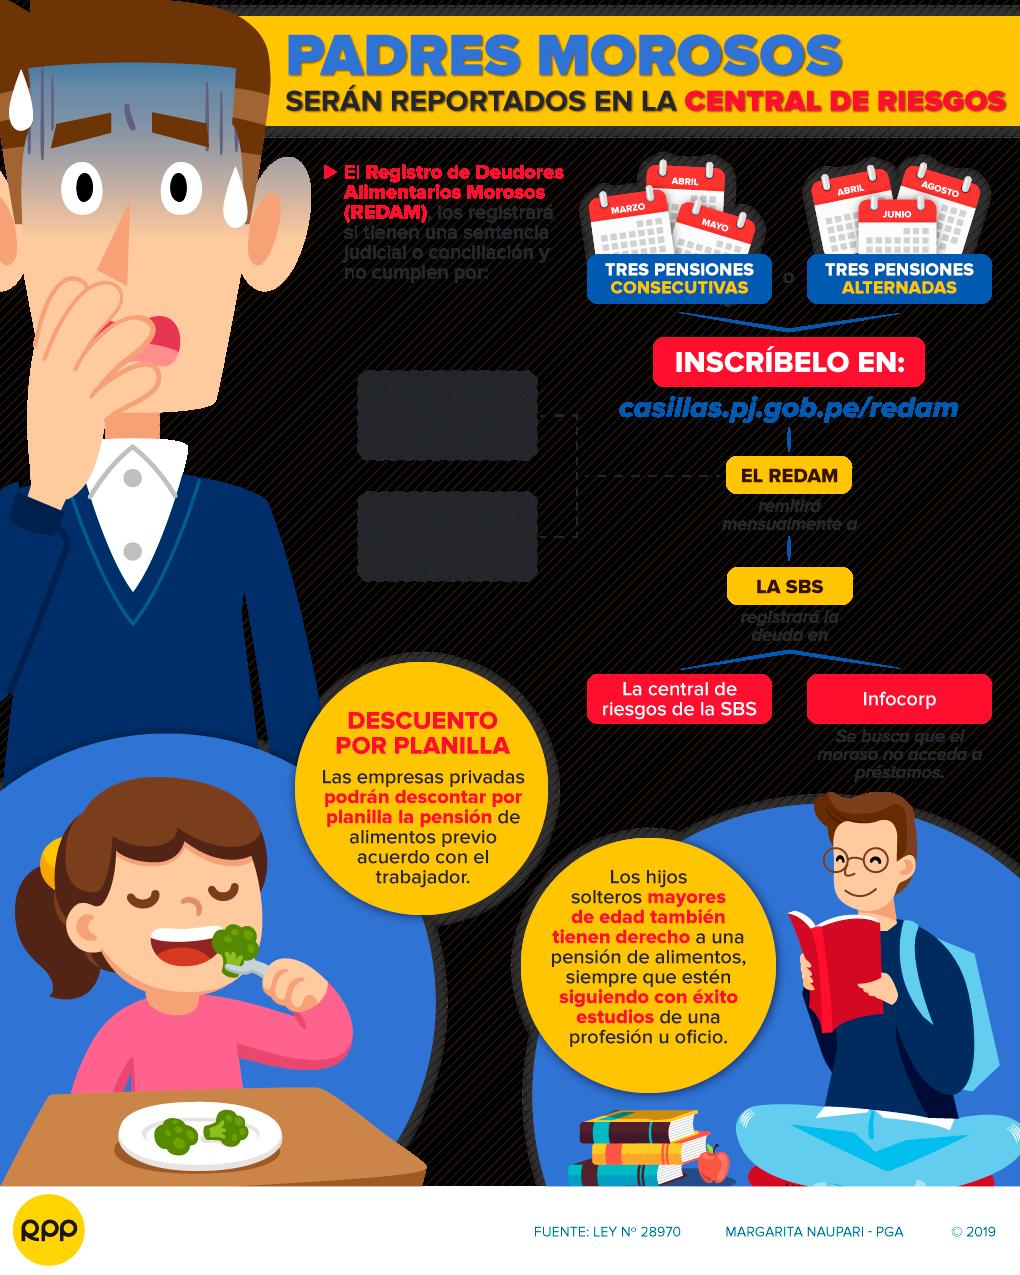 Juicio por alimentos: Padres morosos serán reportados a centrales de riesgo